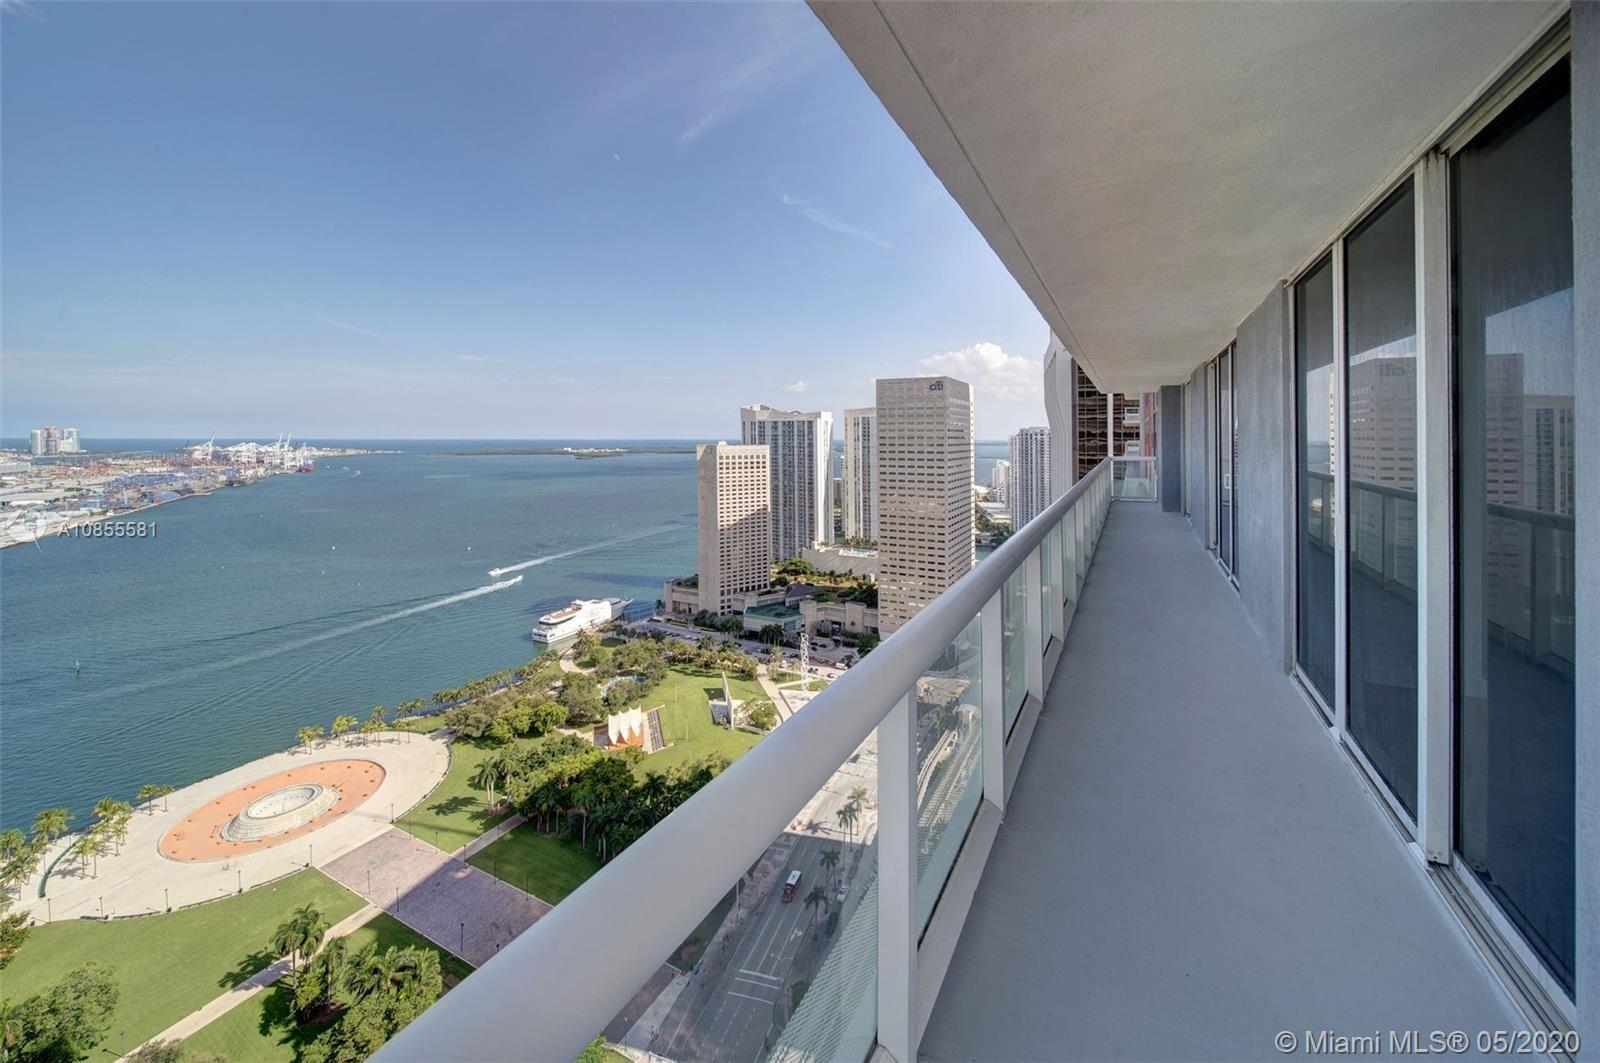 50 Biscayne Blvd #3902, Miami, FL 33132 - #: A10855581